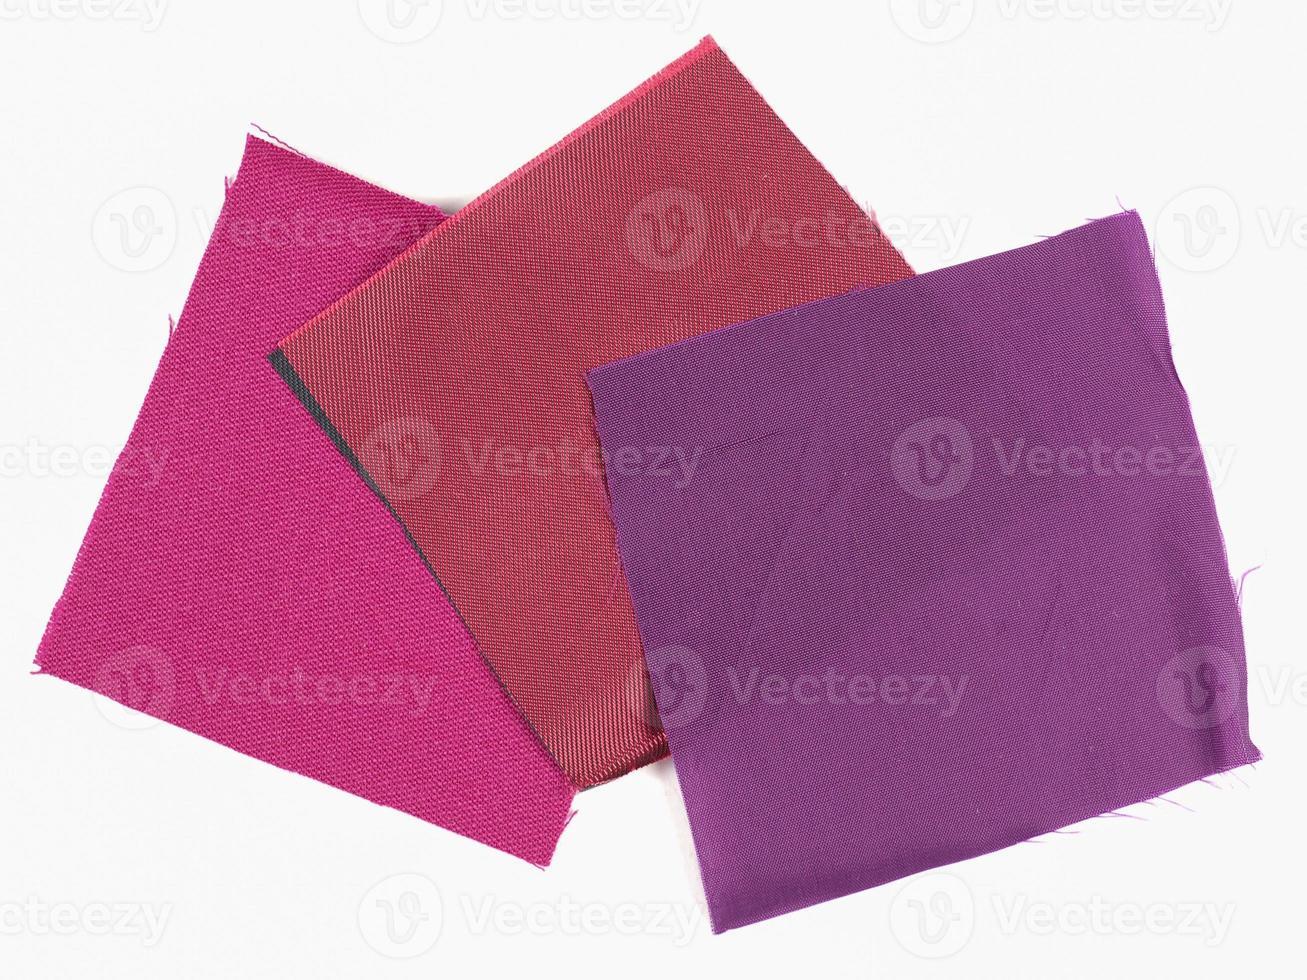 amostra de tecido roxo foto